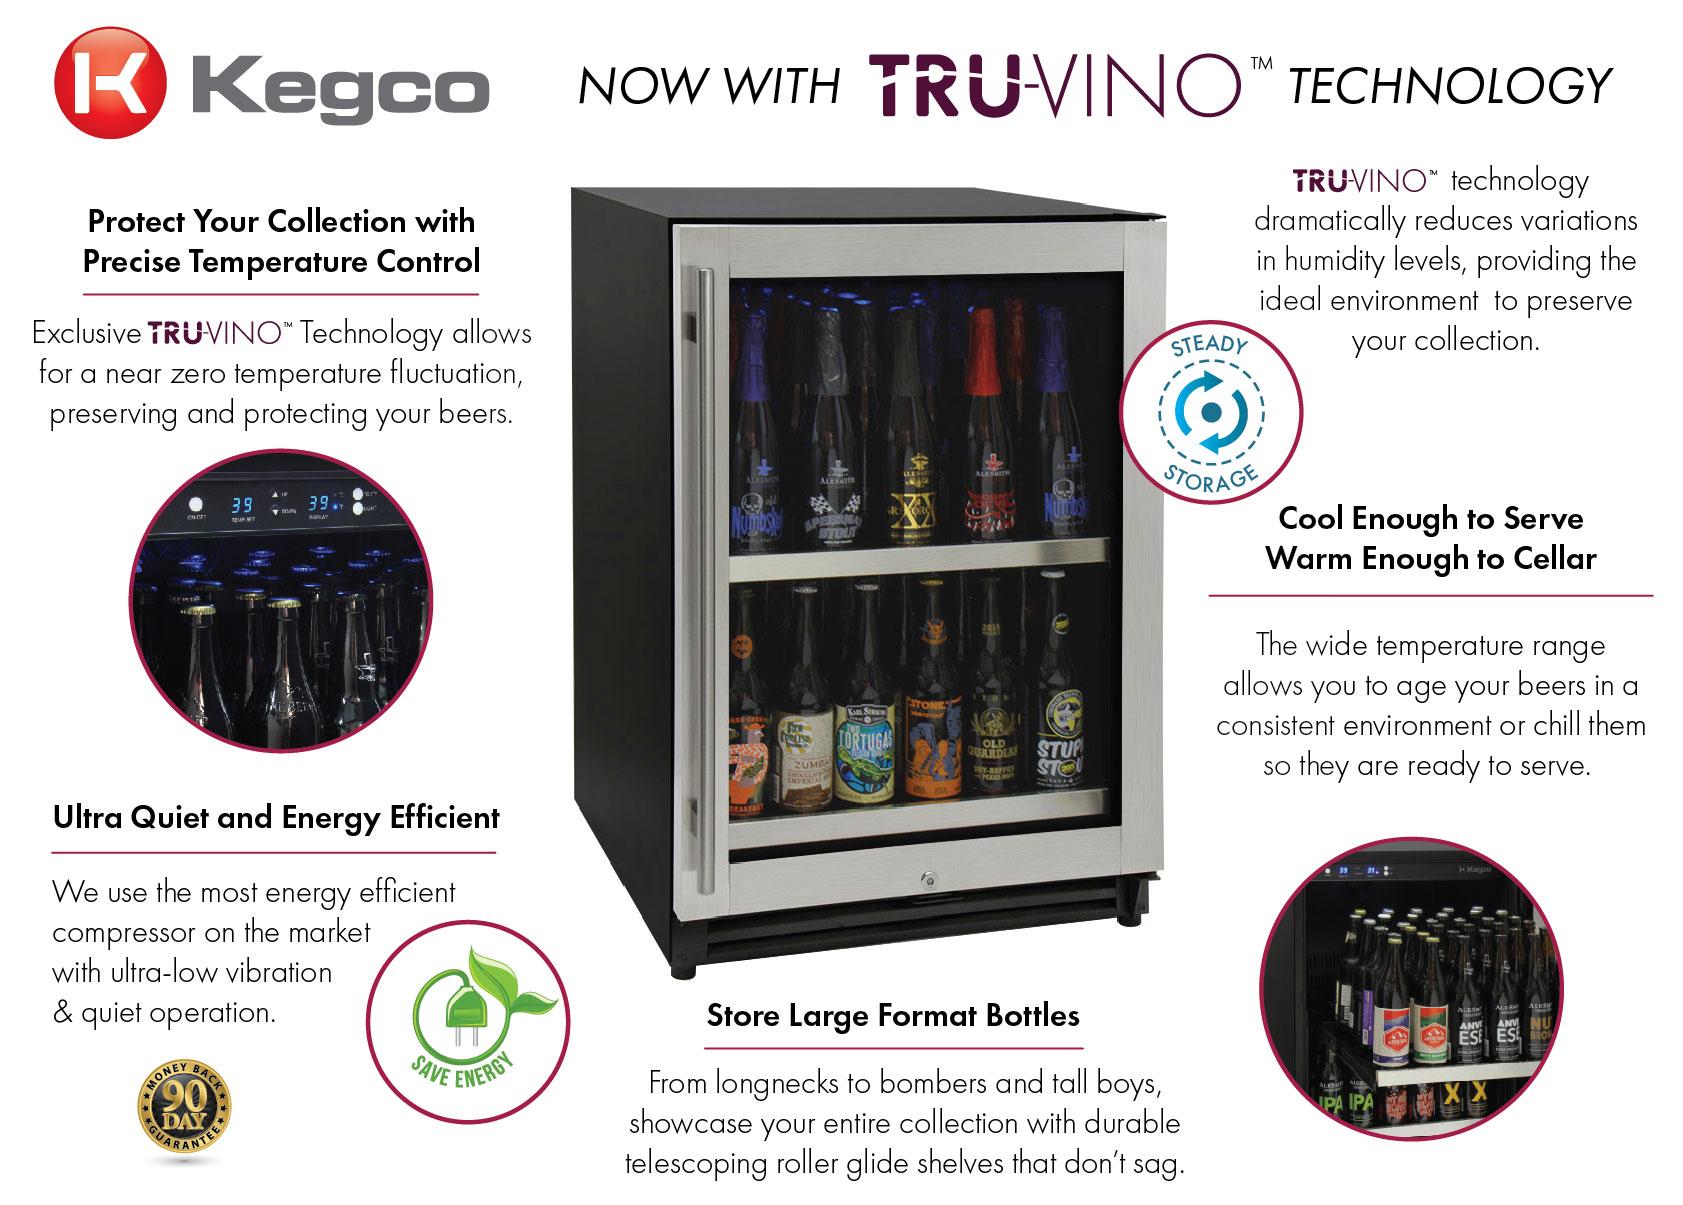 Kegco VSCB-24SR20 Craft Beer Refrigerator Features